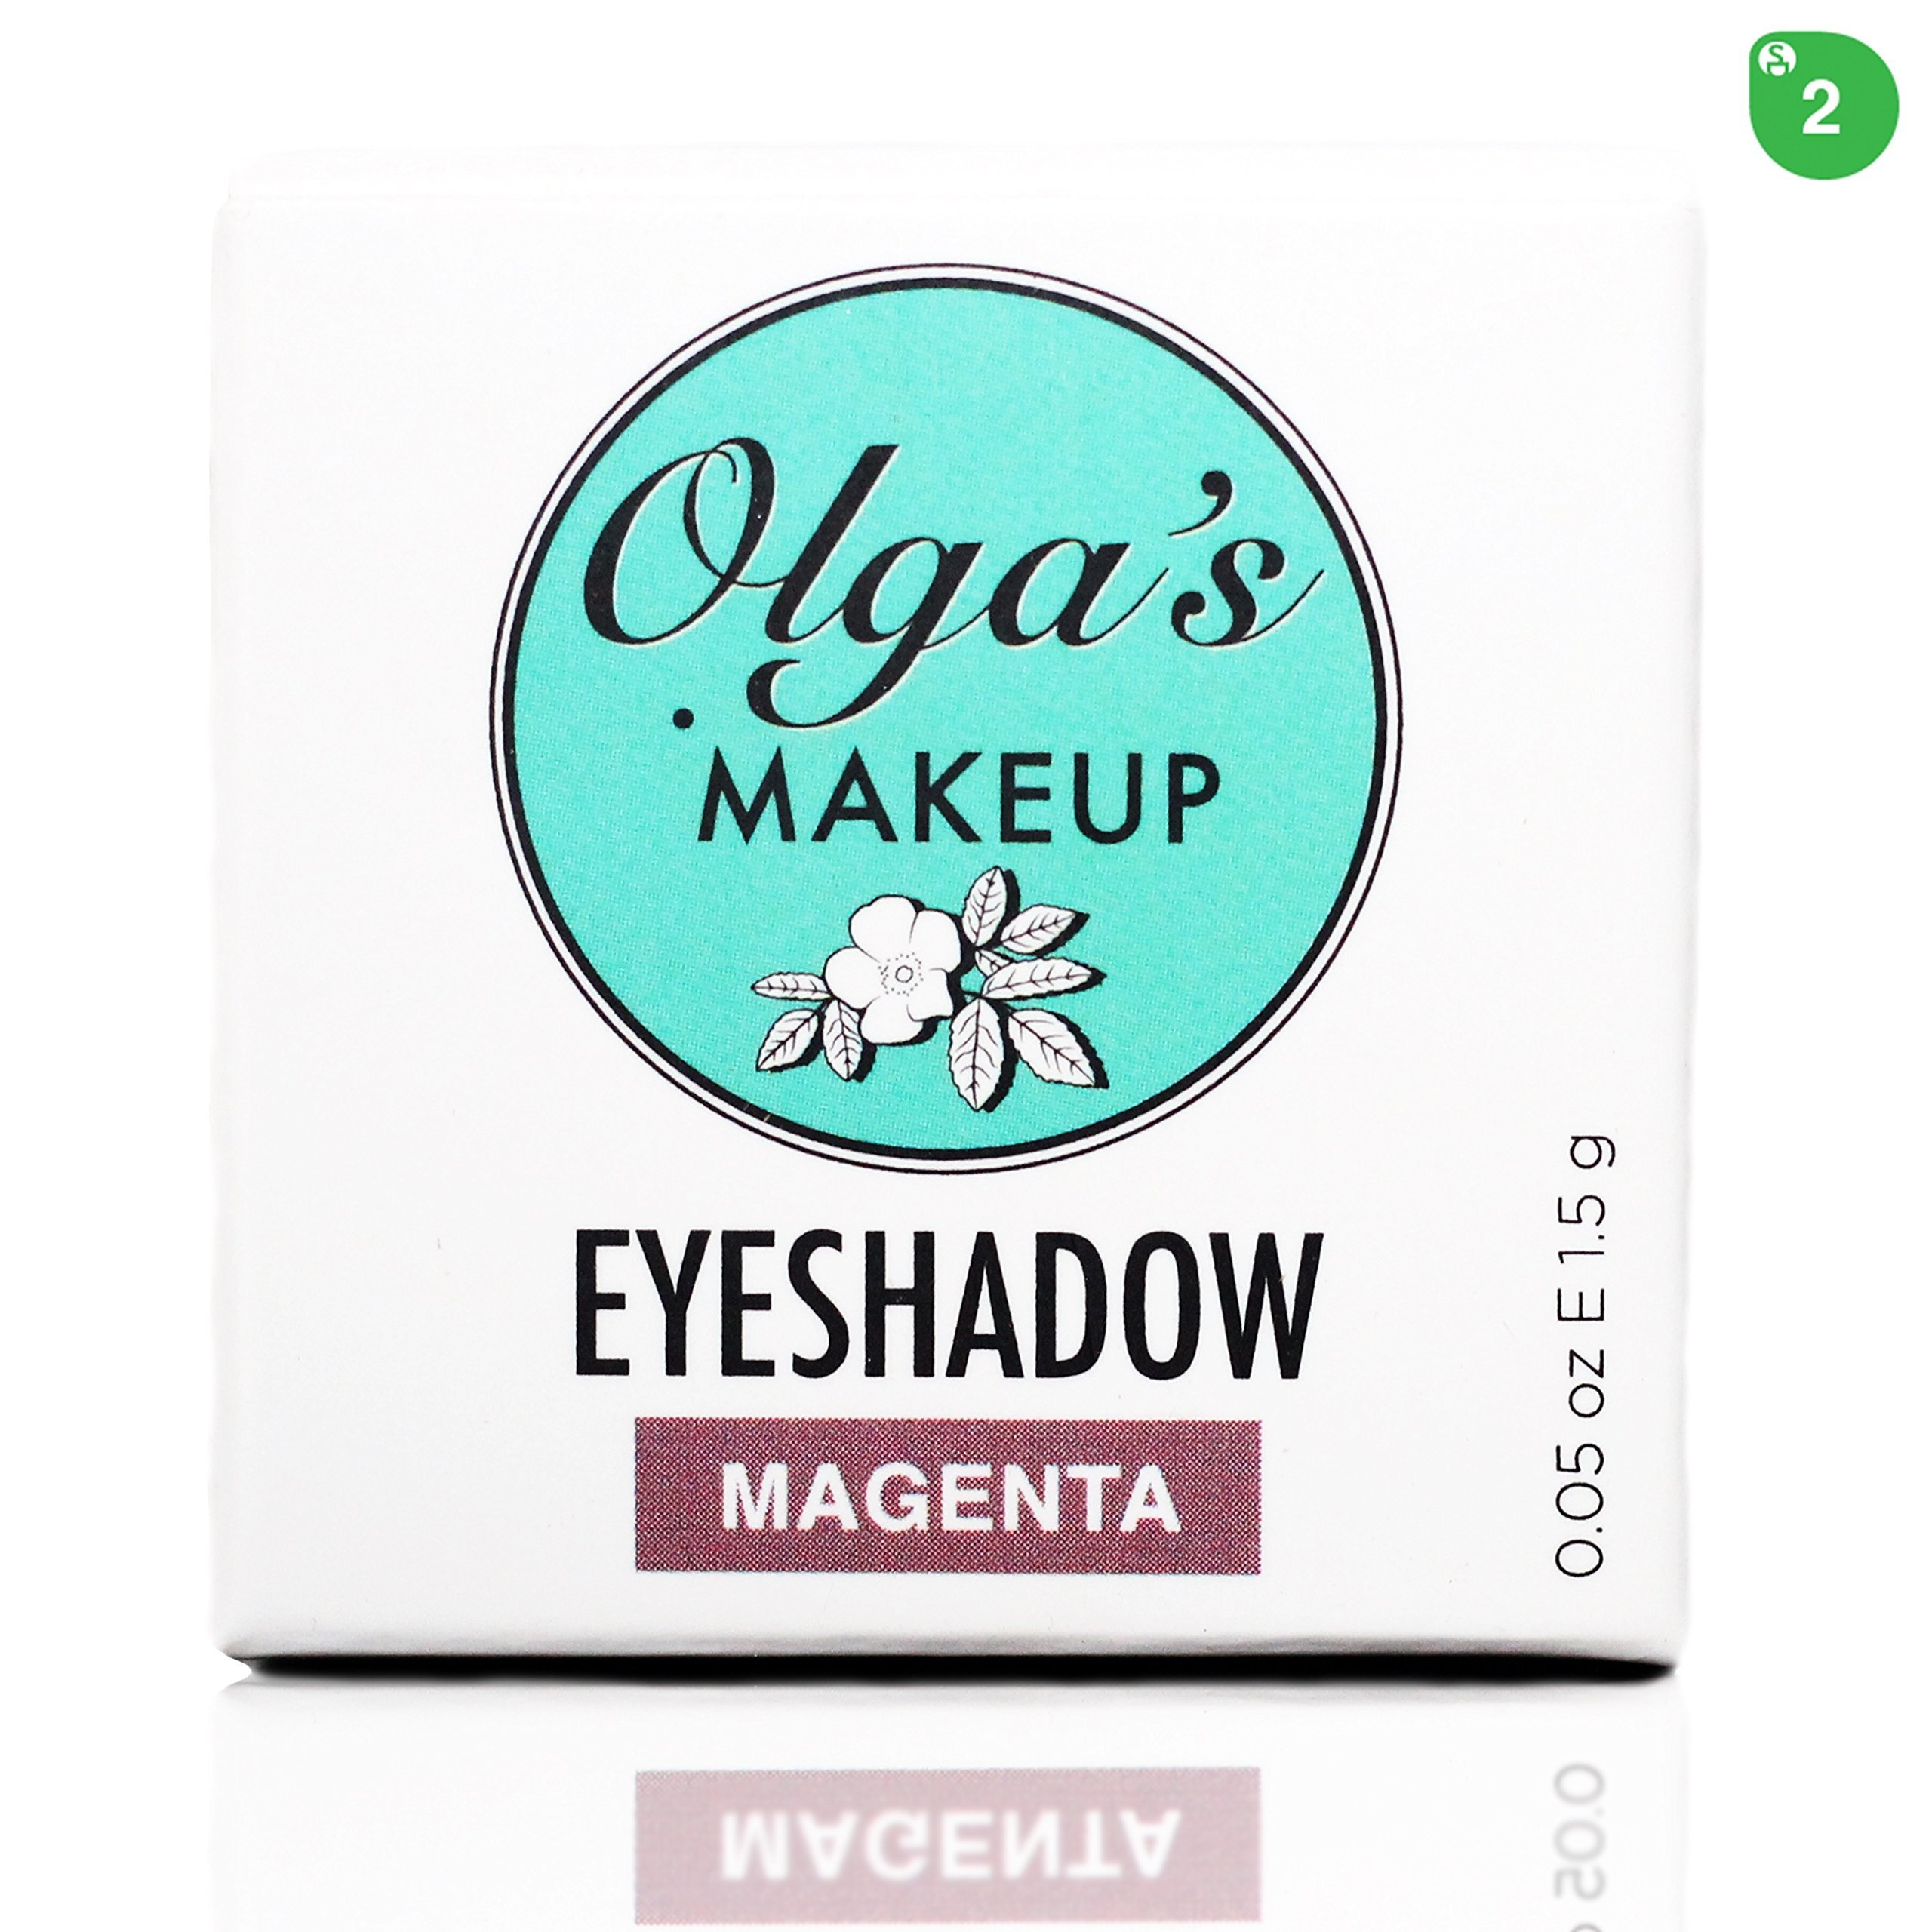 Organic & Mineral Eyeshadow - Magenta